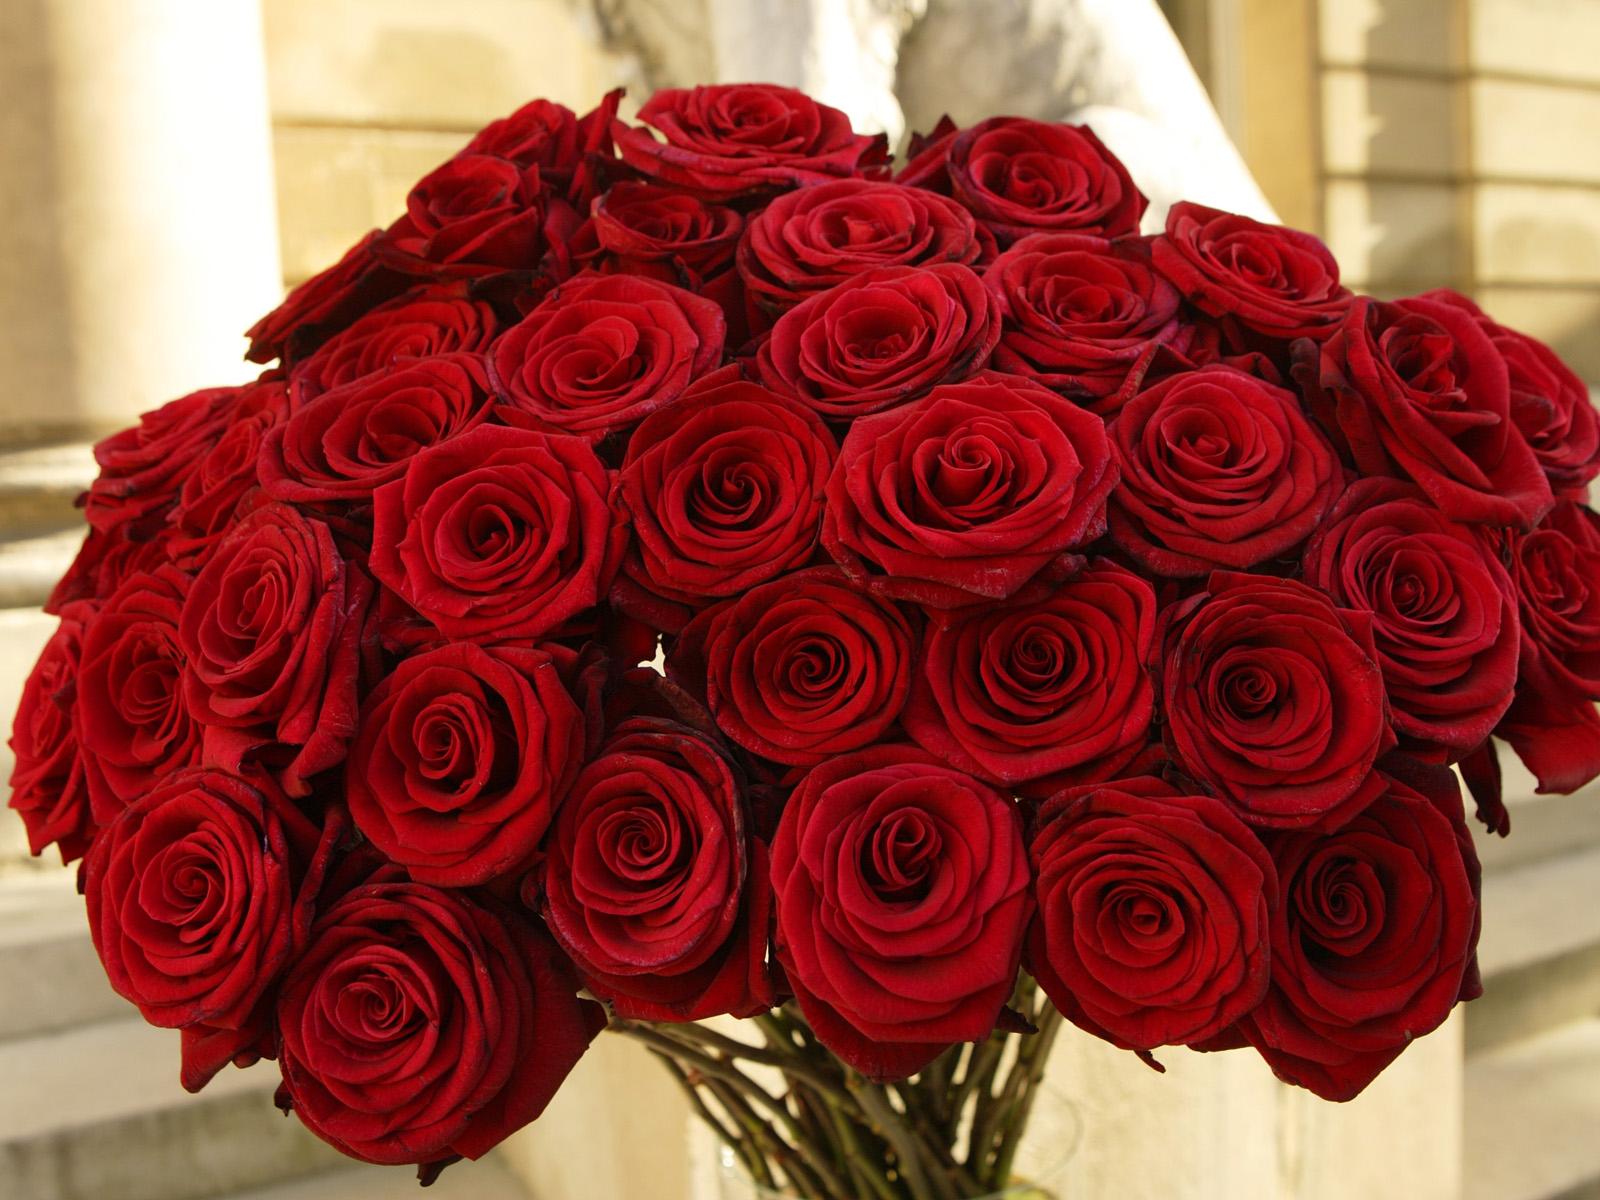 صوره بوكيه ورد كبير , اجمل الورد بالصور